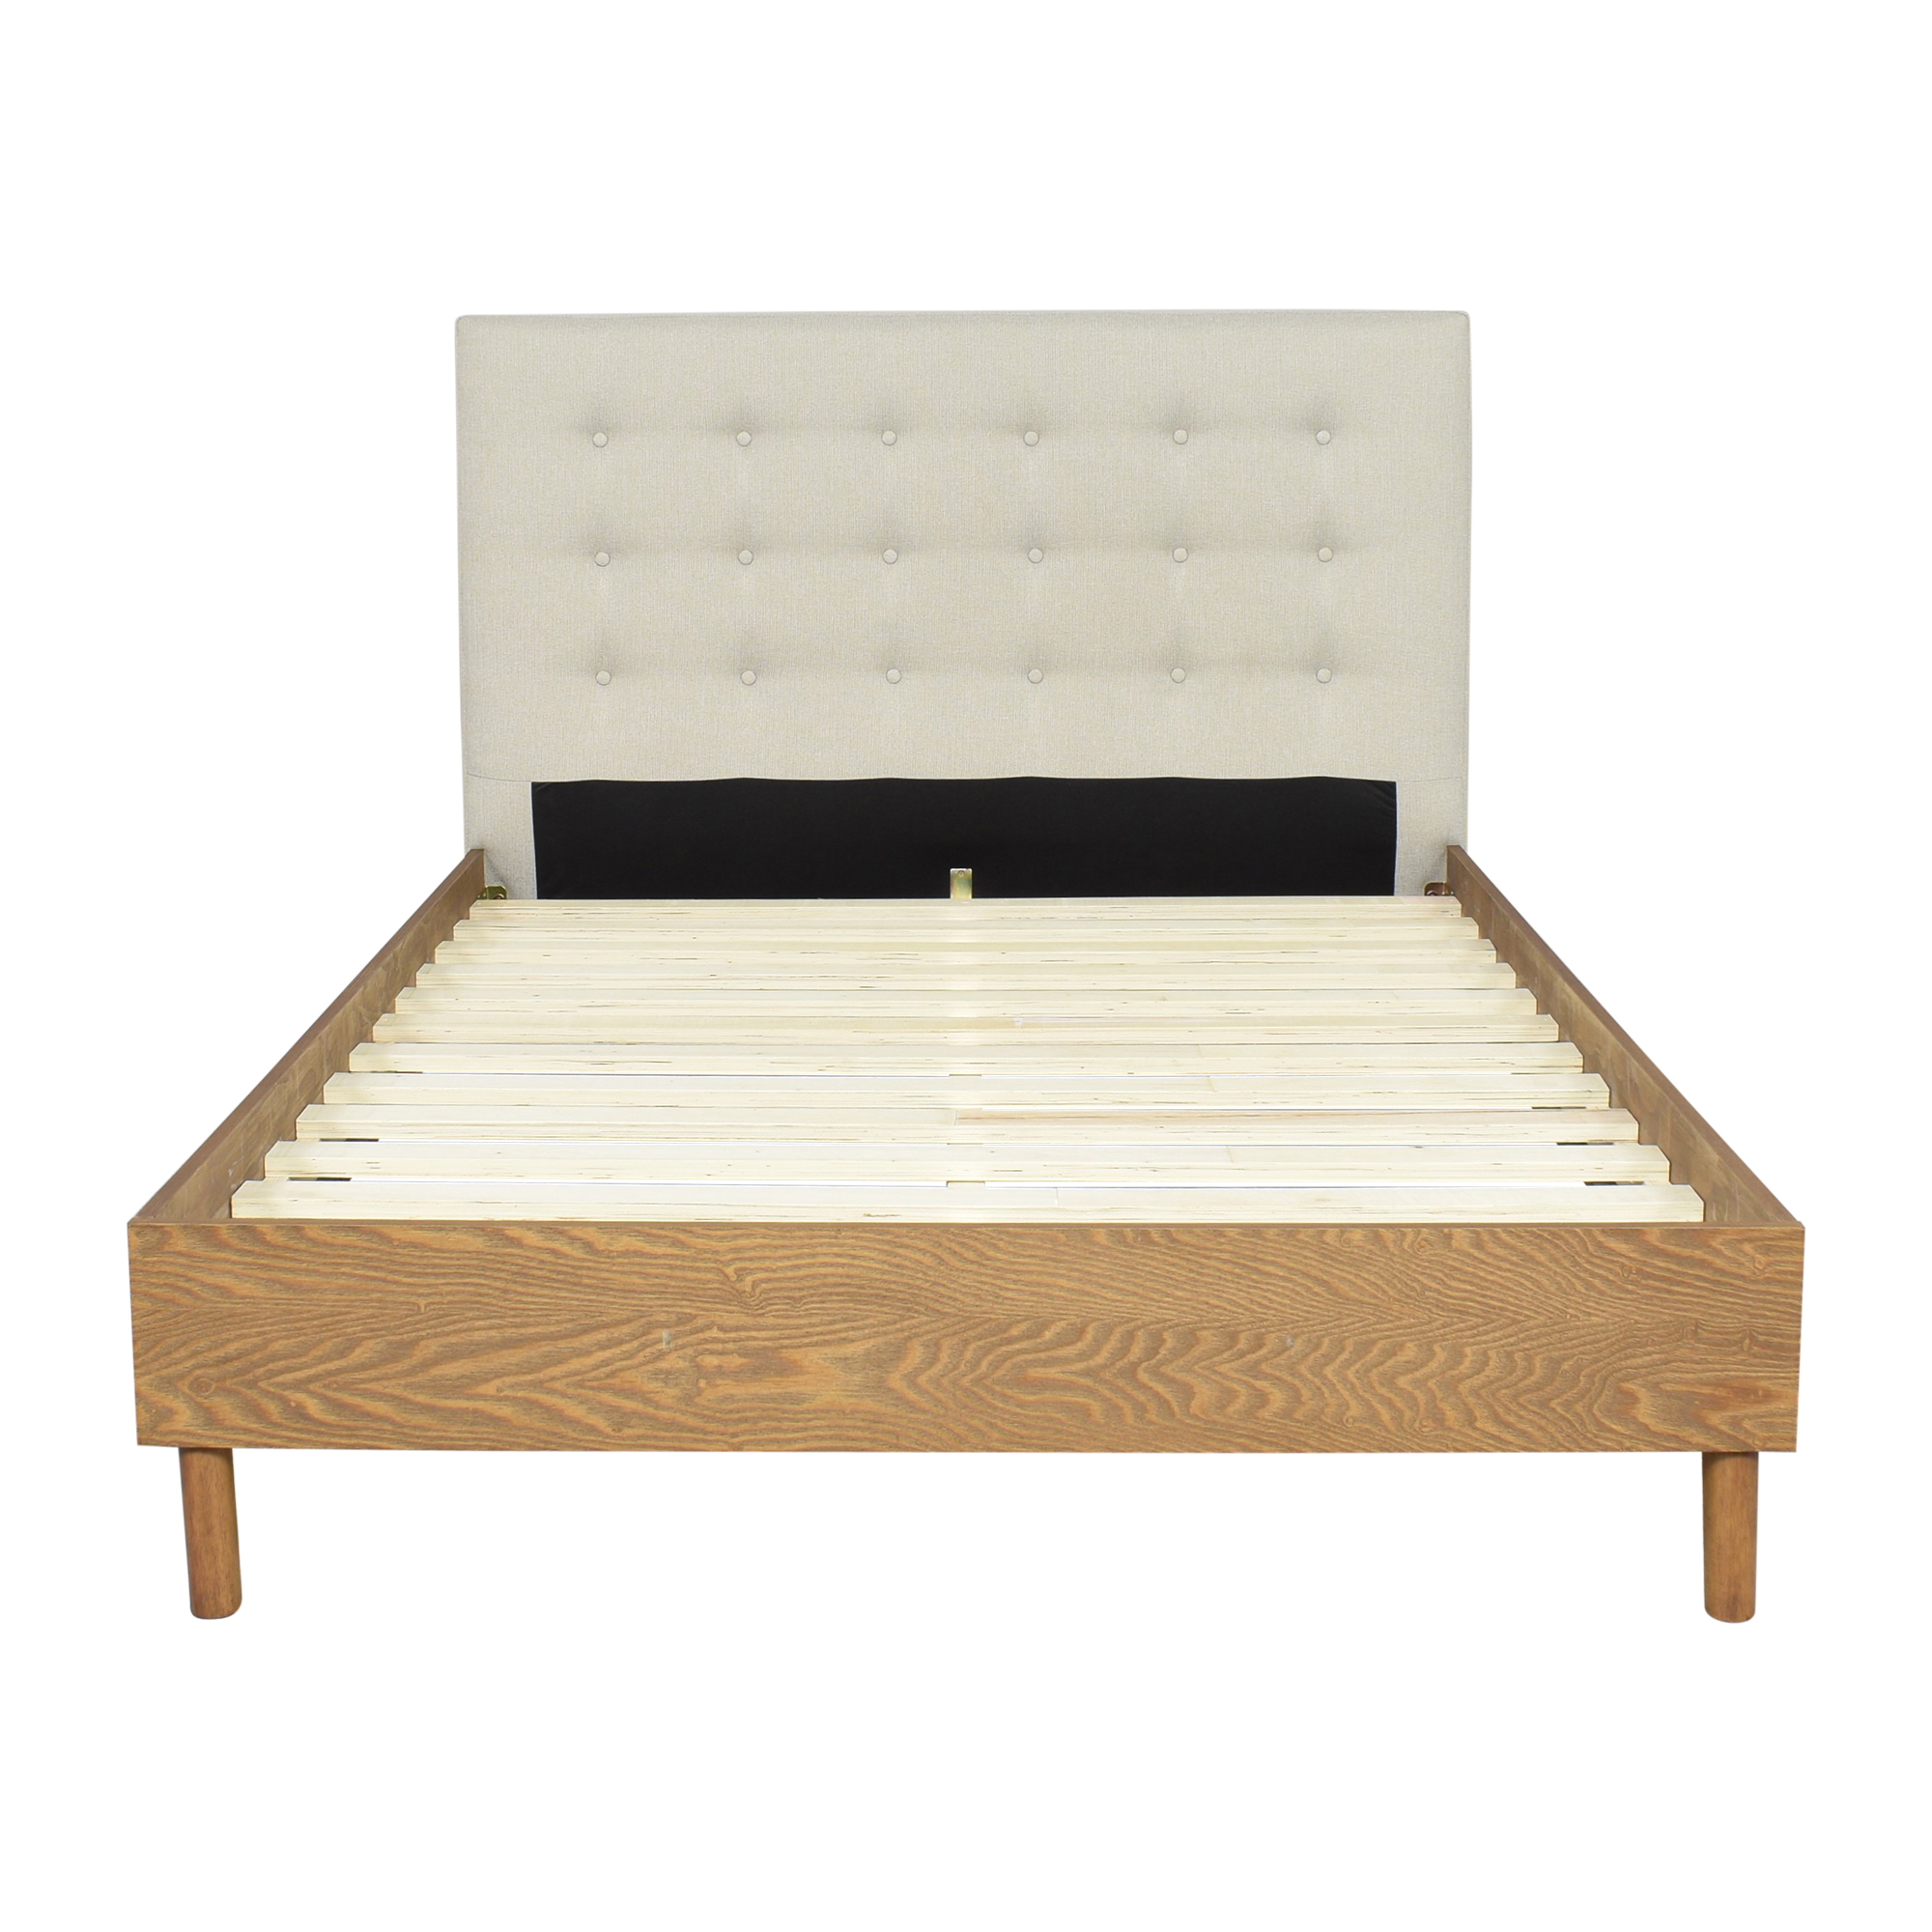 Baxton Studio Baxton Studio Mid Century-Style Full Bed